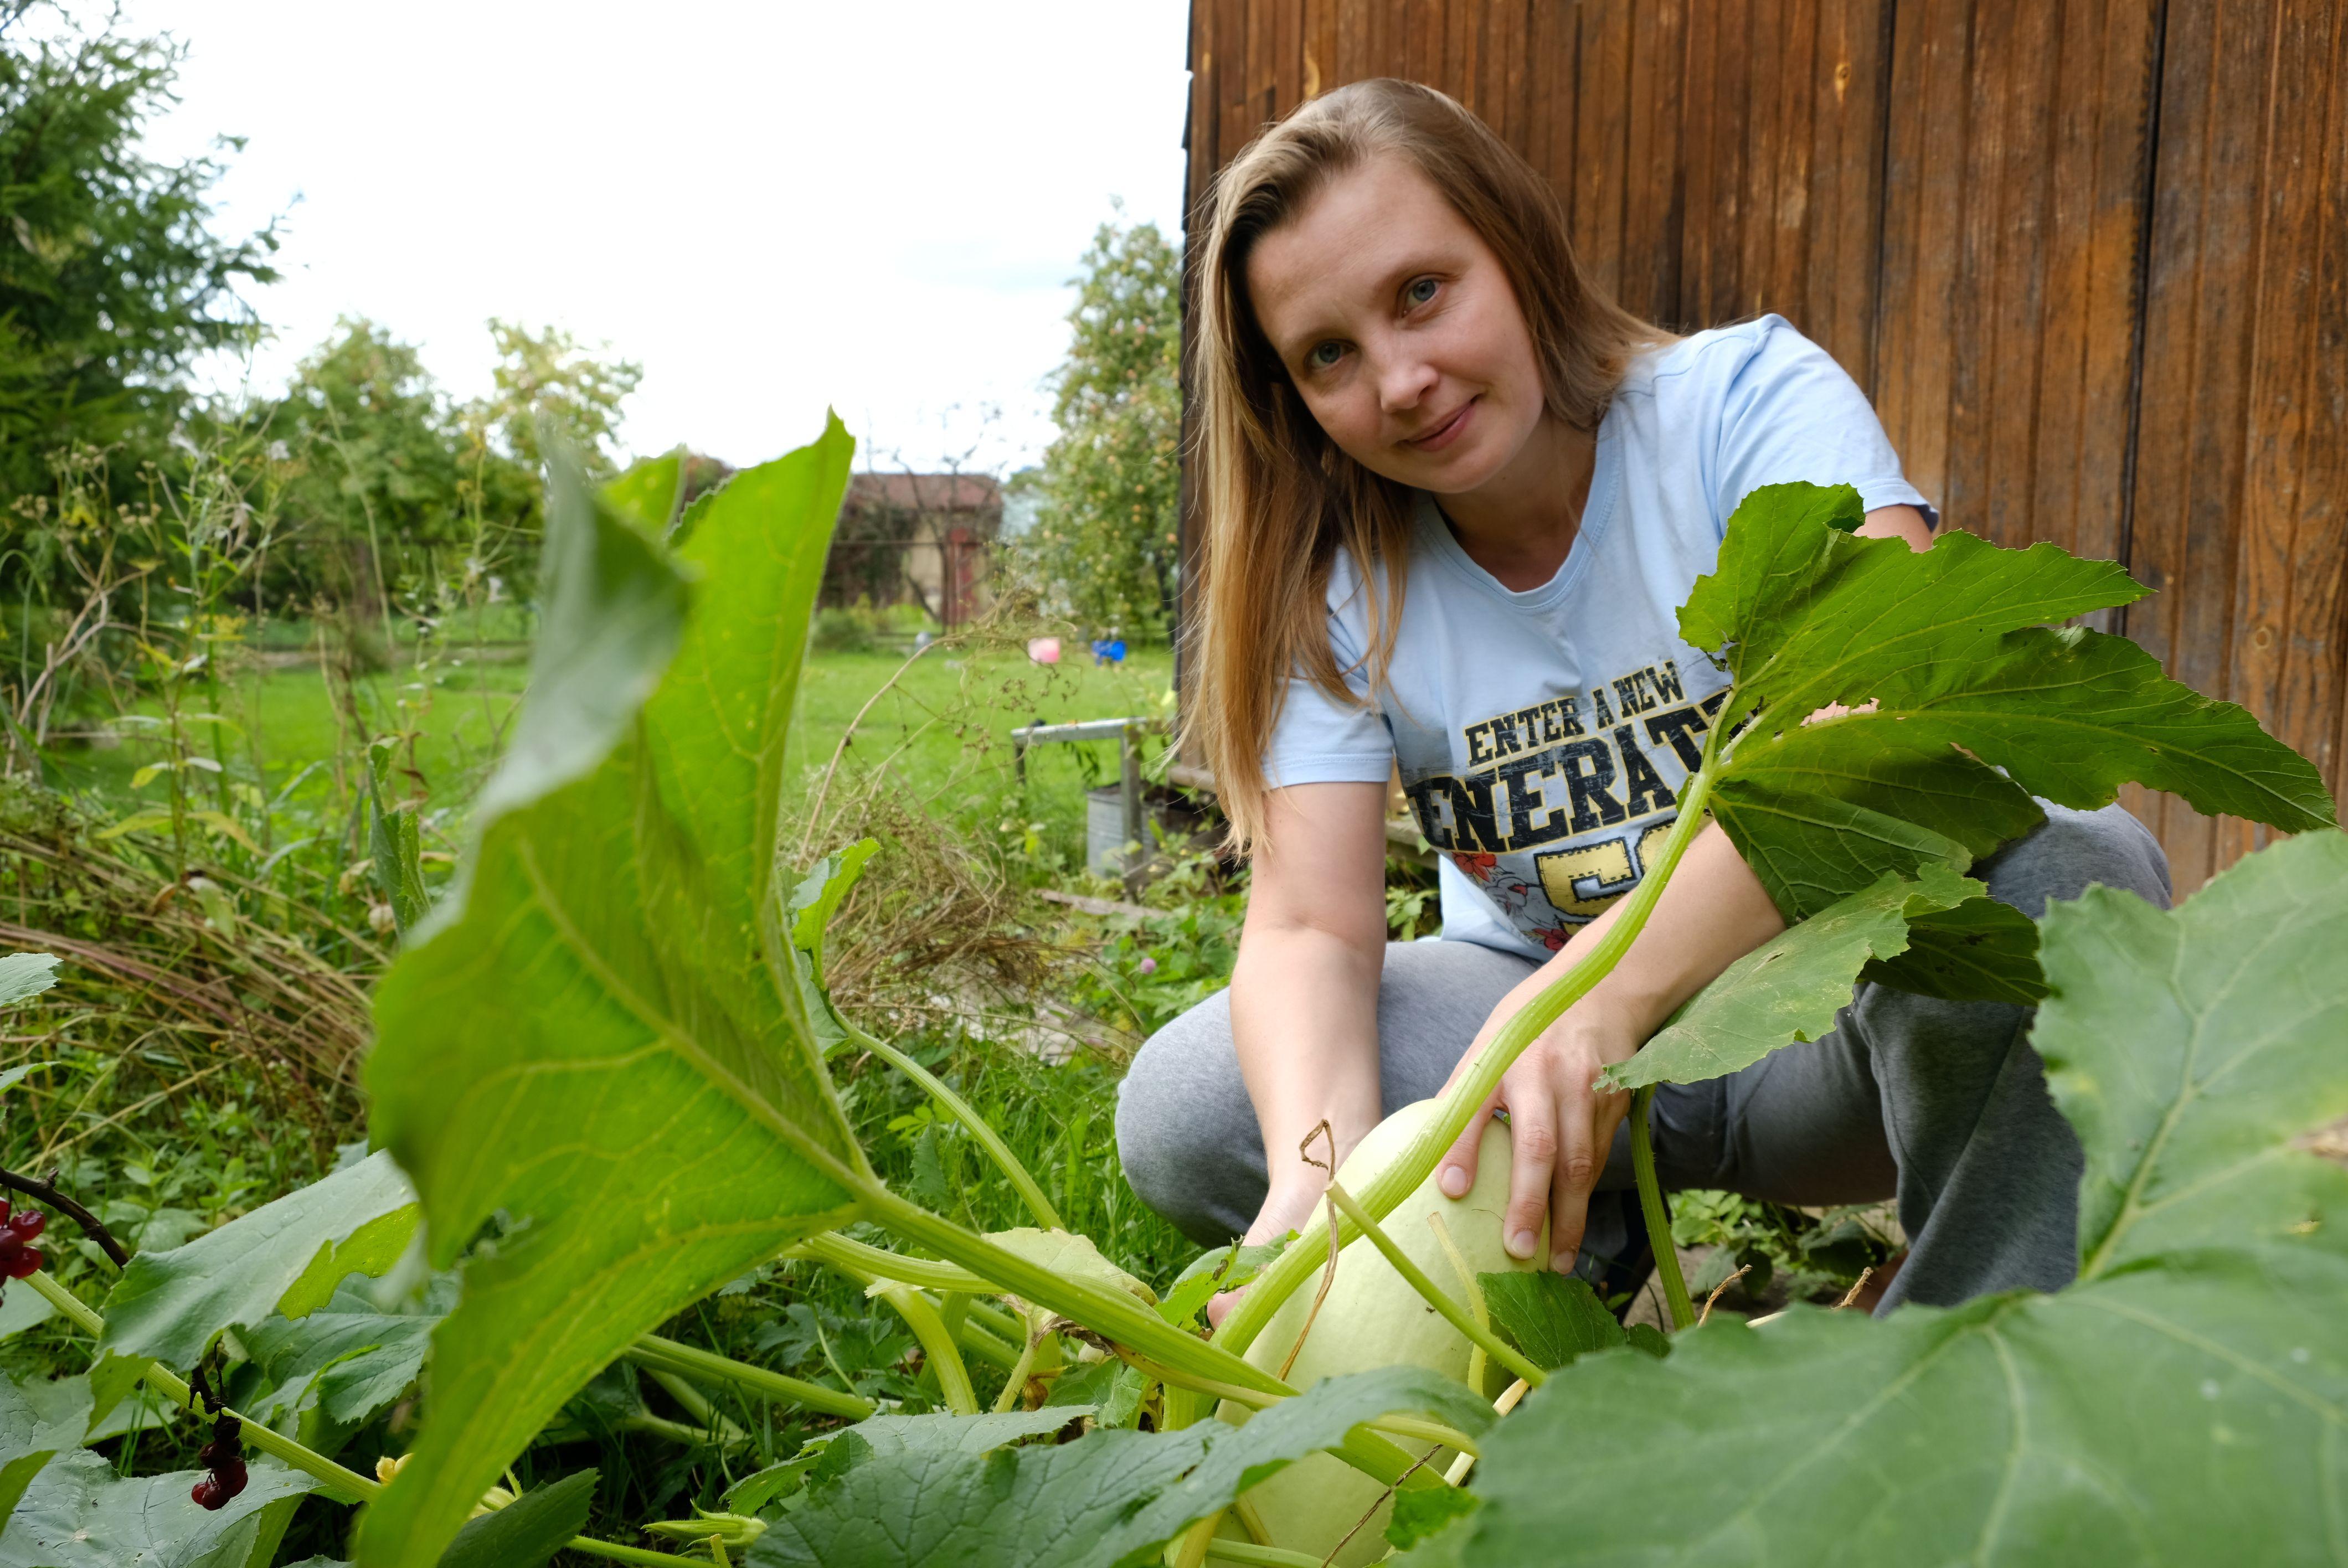 Московским дачникам рекомендовали собрать весь урожай